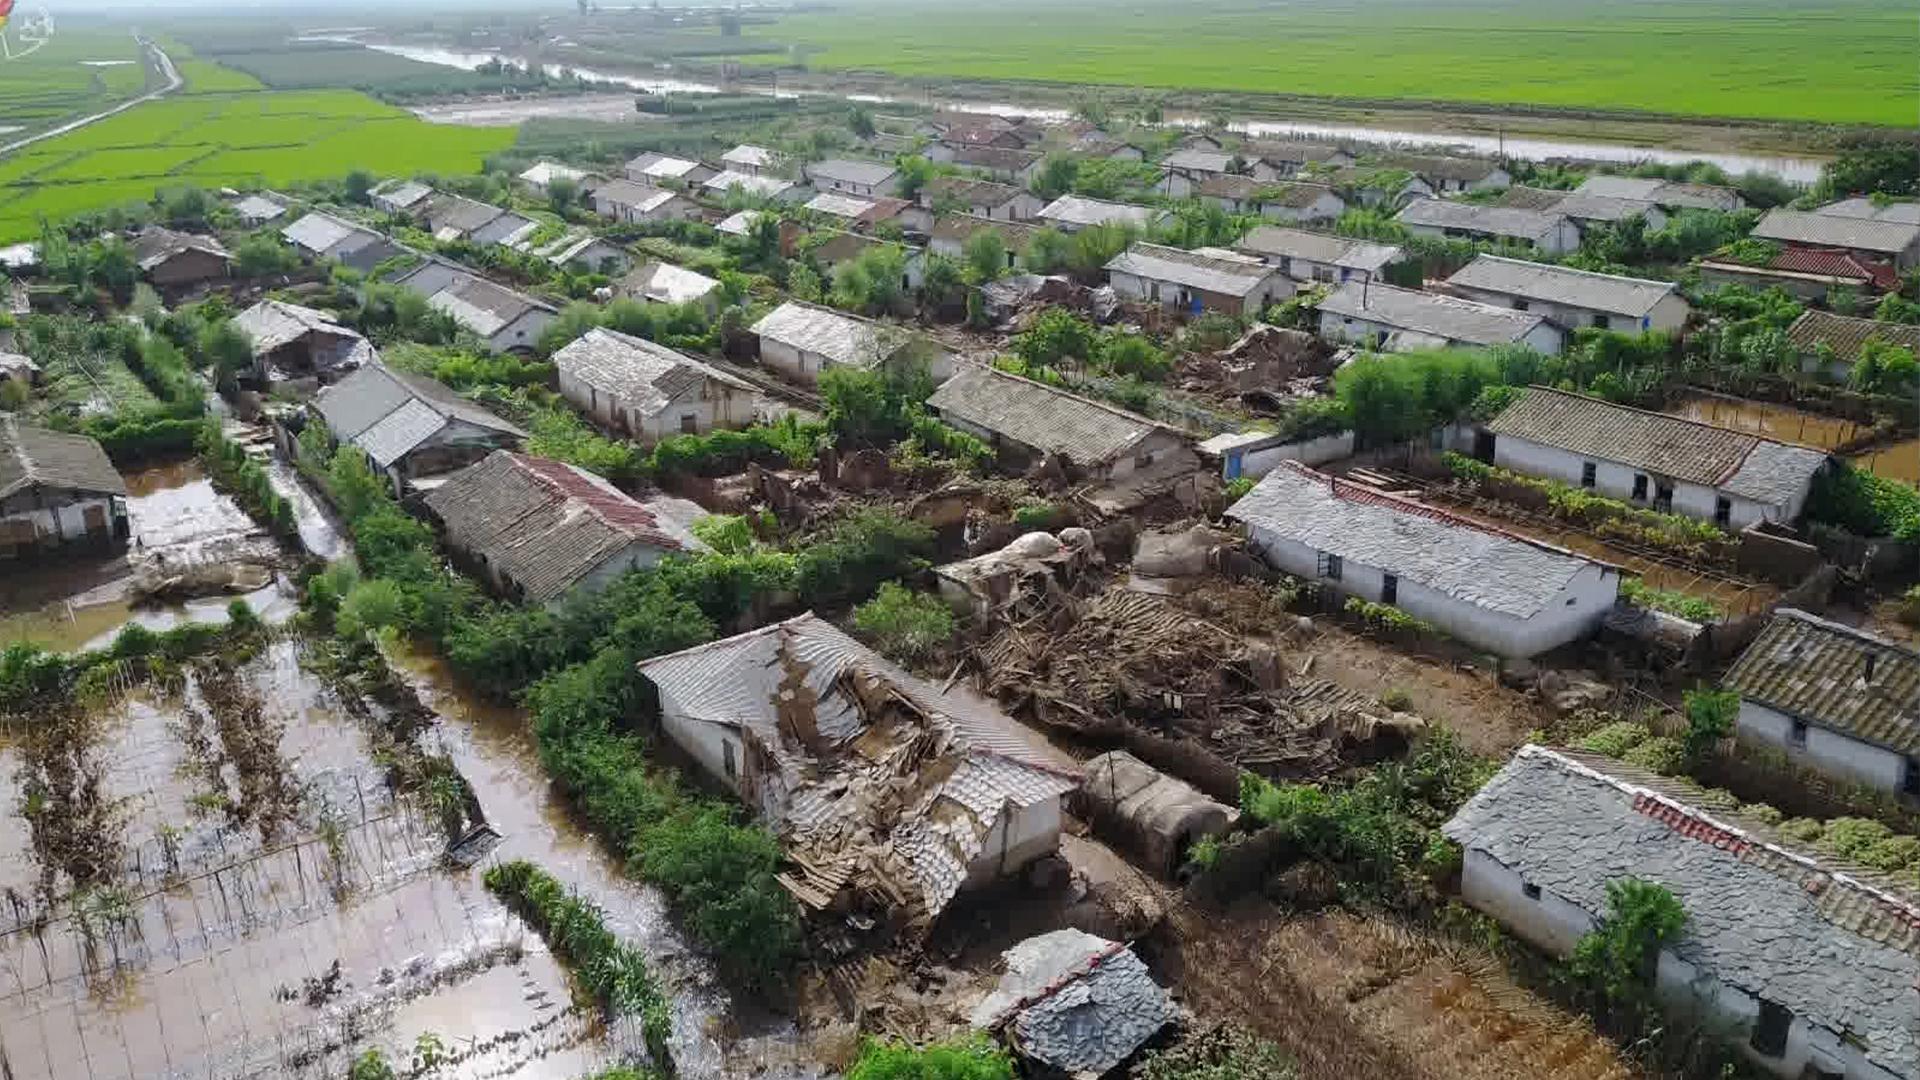 الاتحاد الدولي للصليب الأحمر: 22 قتيلًا و4 مفقودين بسبب الأمطار الغزيرة في كوريا الشمالية